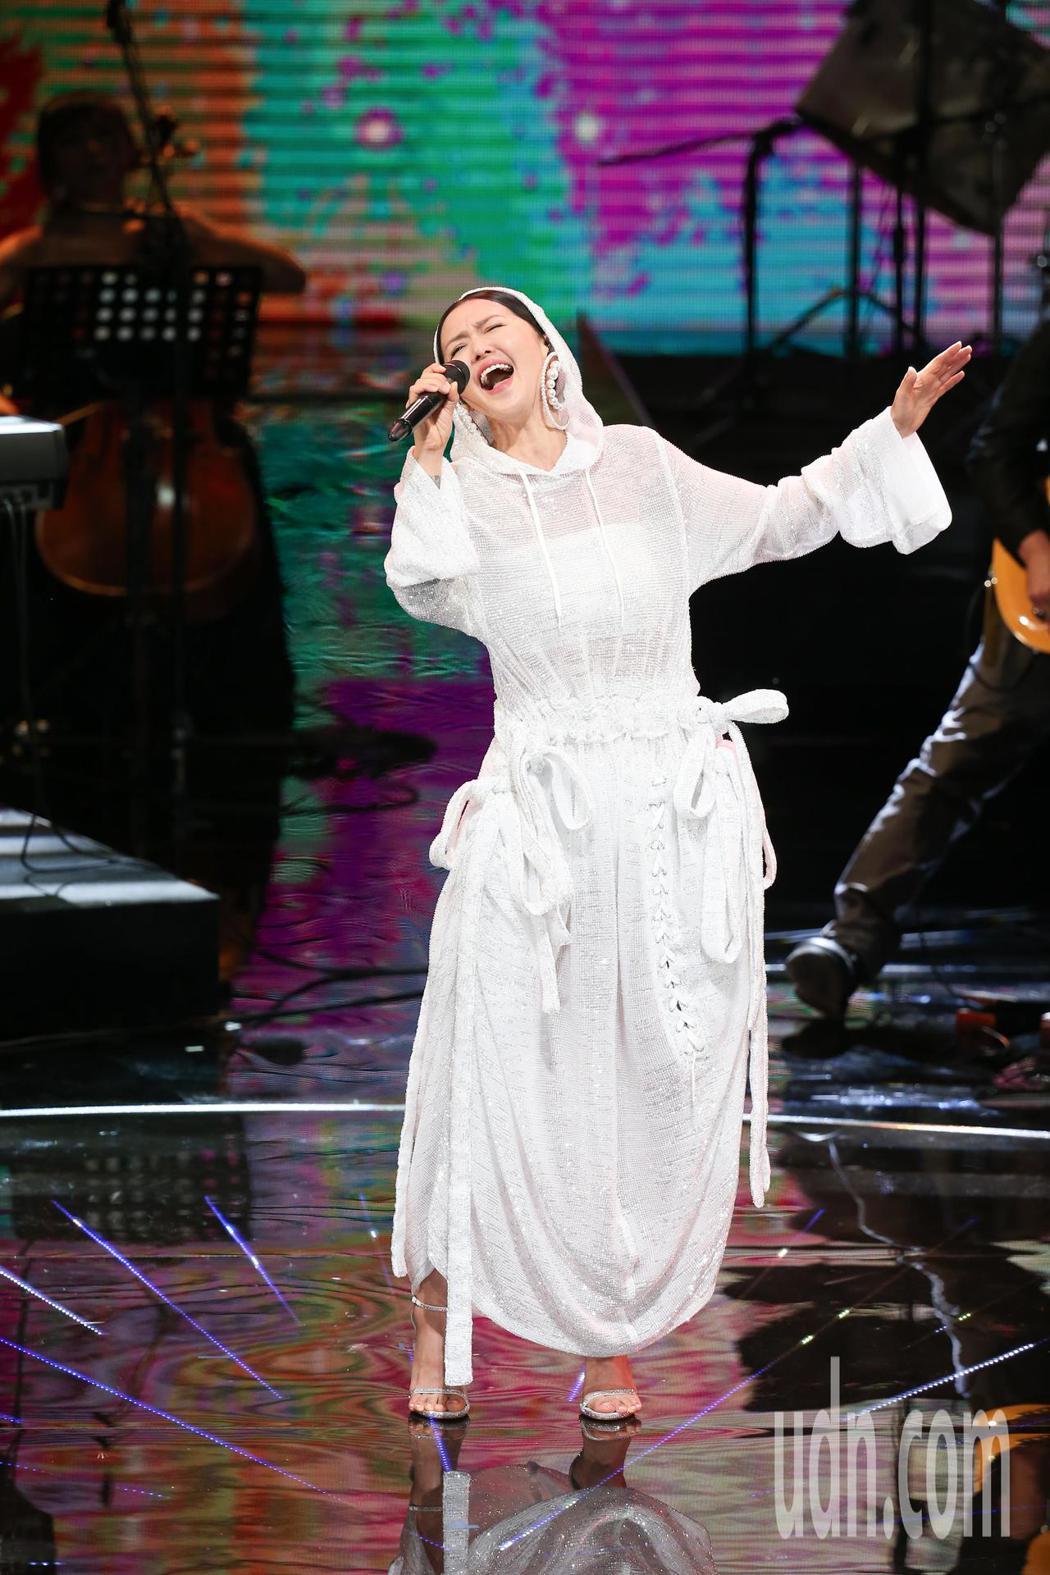 第五十四屆金馬獎,譚維維演唱入圍電影歌曲「陌上花開」。記者陳瑞源/攝影